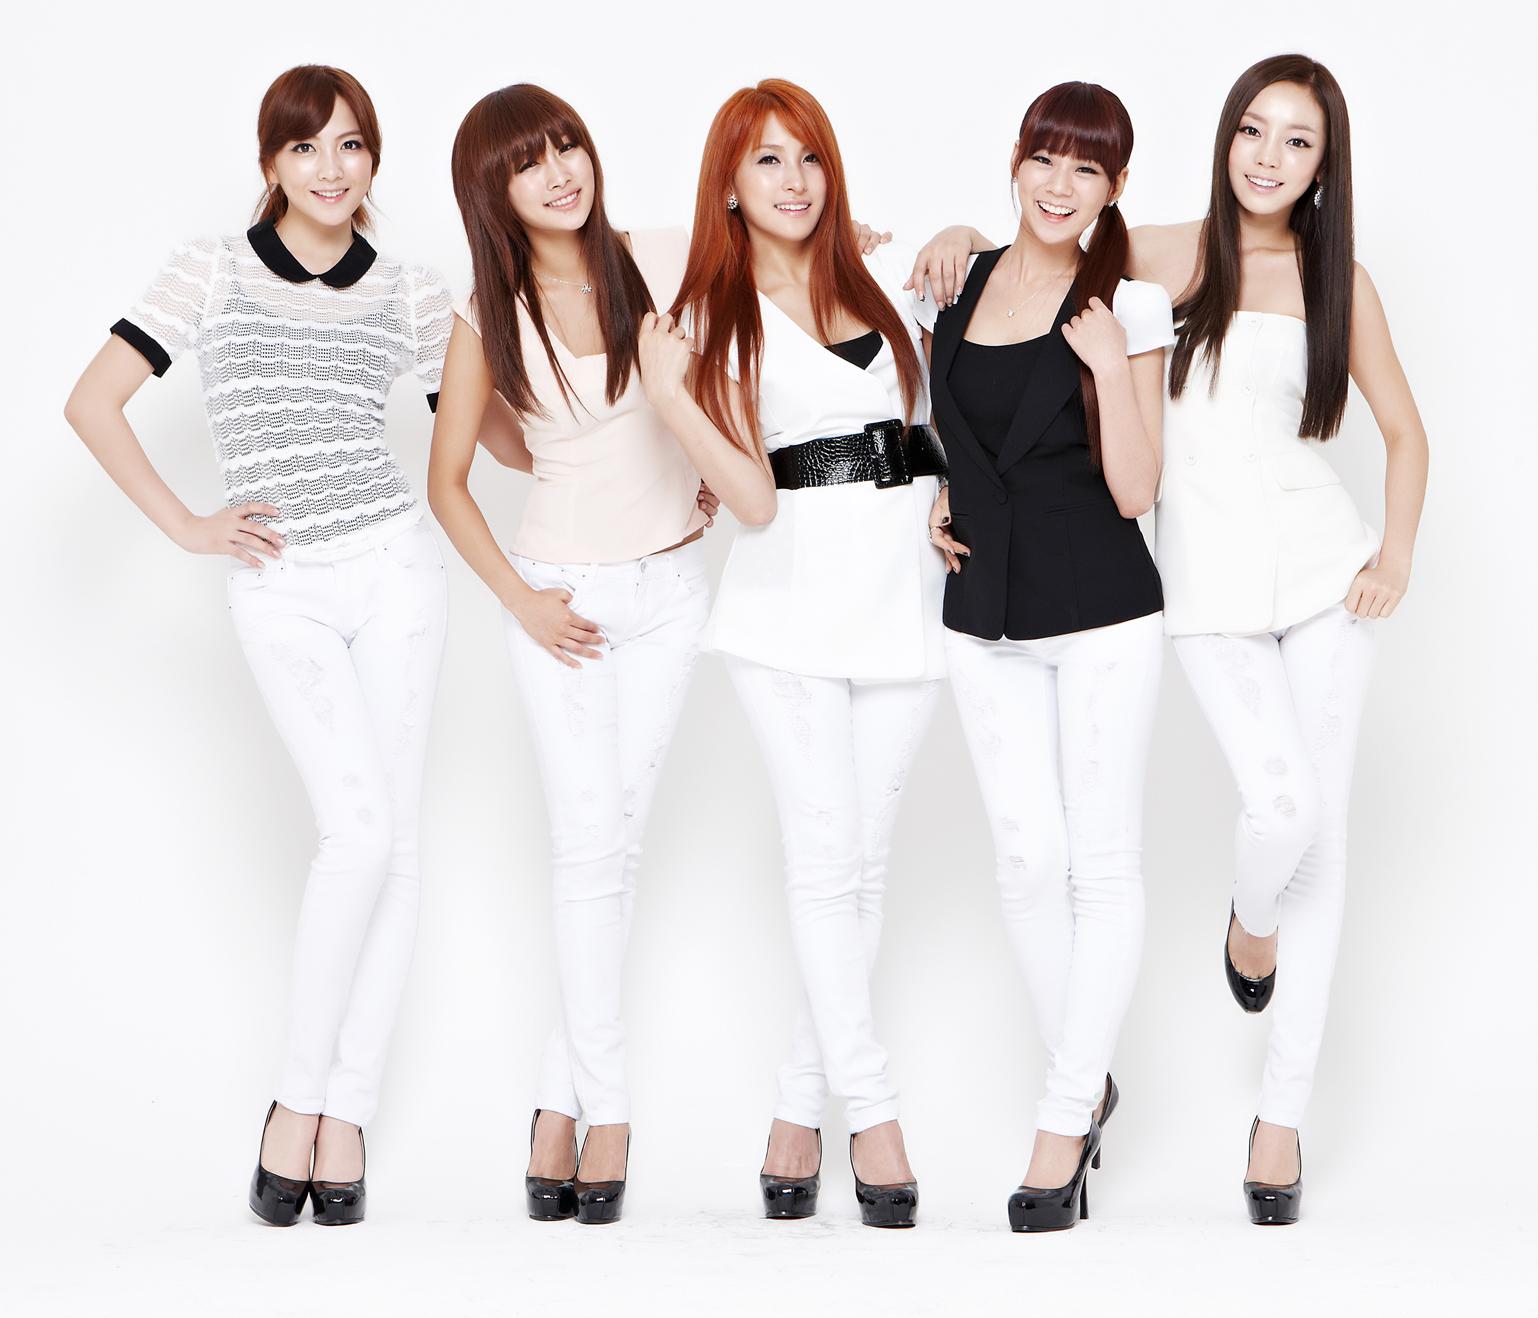 韓國首席女子天團【KARA】3/31(六)首次舉辦『哈囉台北!KARA 2012 Taipei』 門票3/9(五)於玫瑰大眾售票網與全省端點開始販售